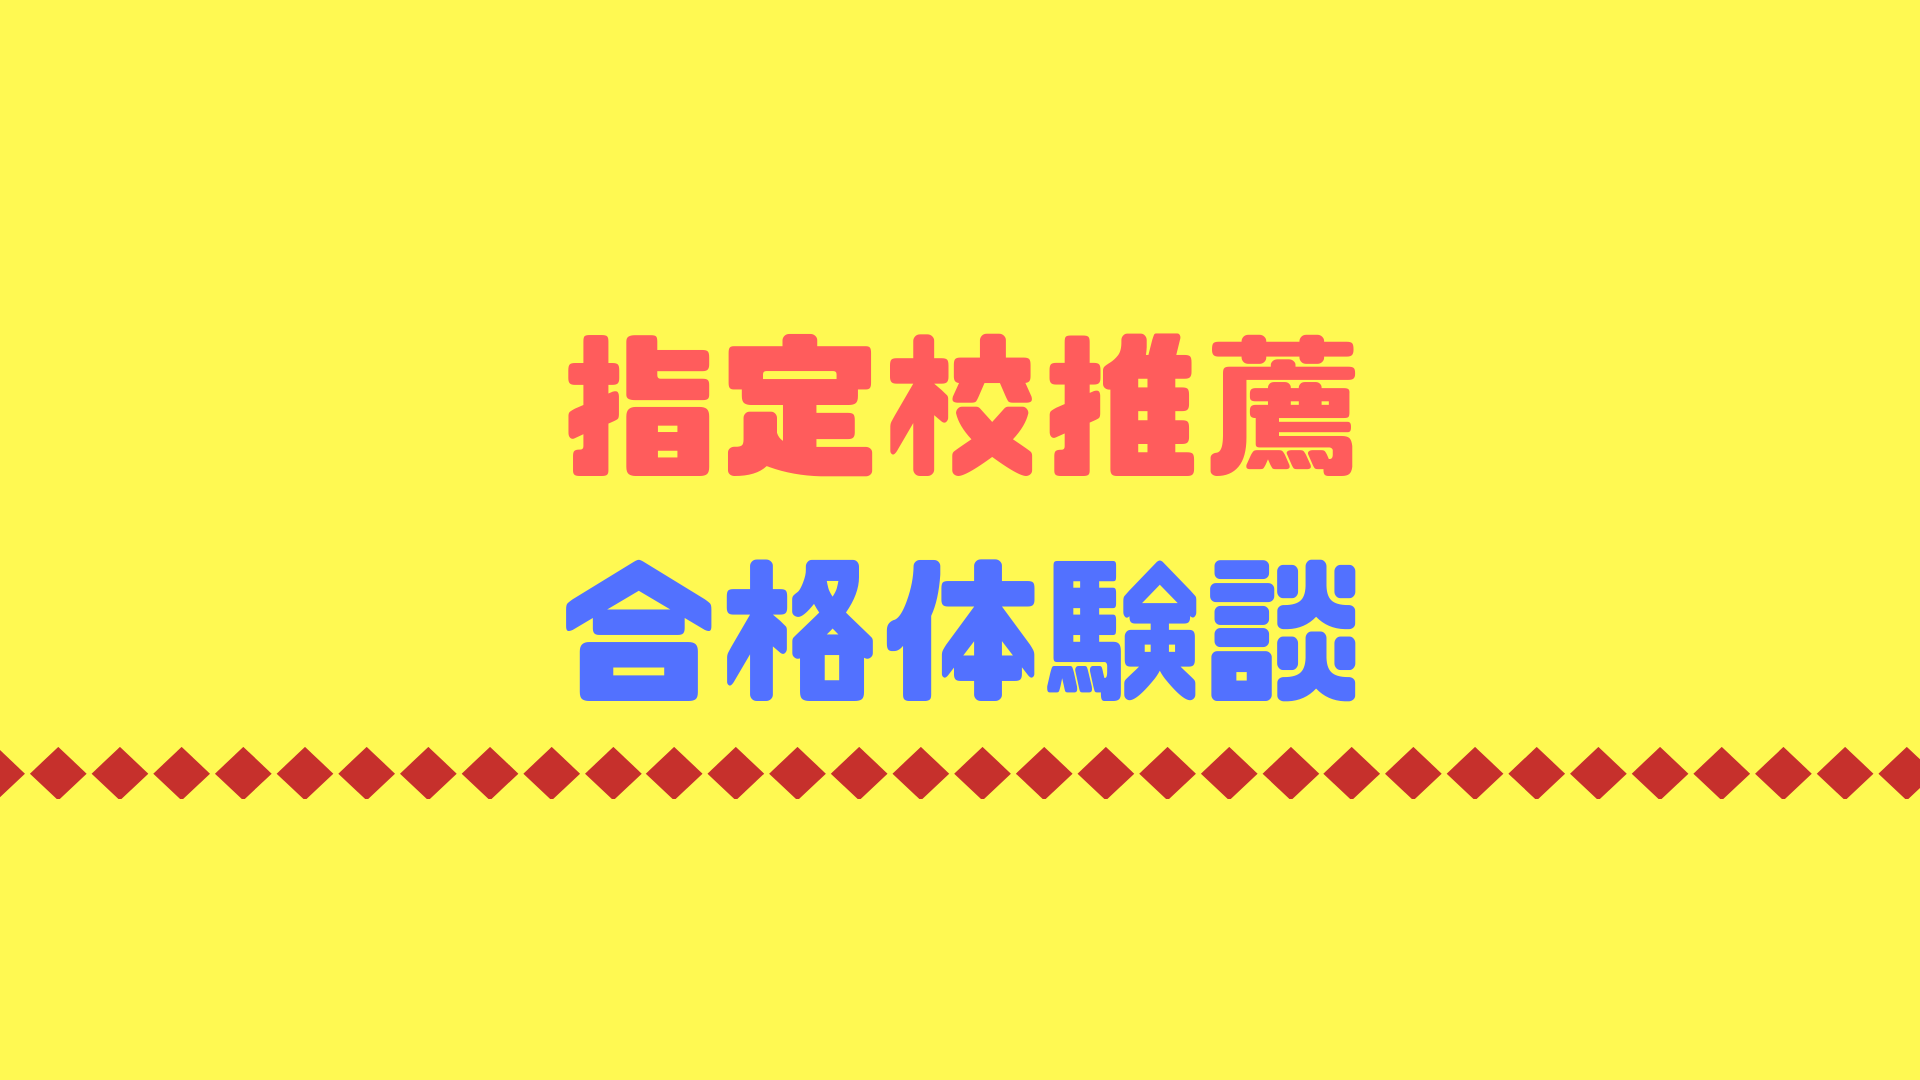 大学 合格 発表 近畿